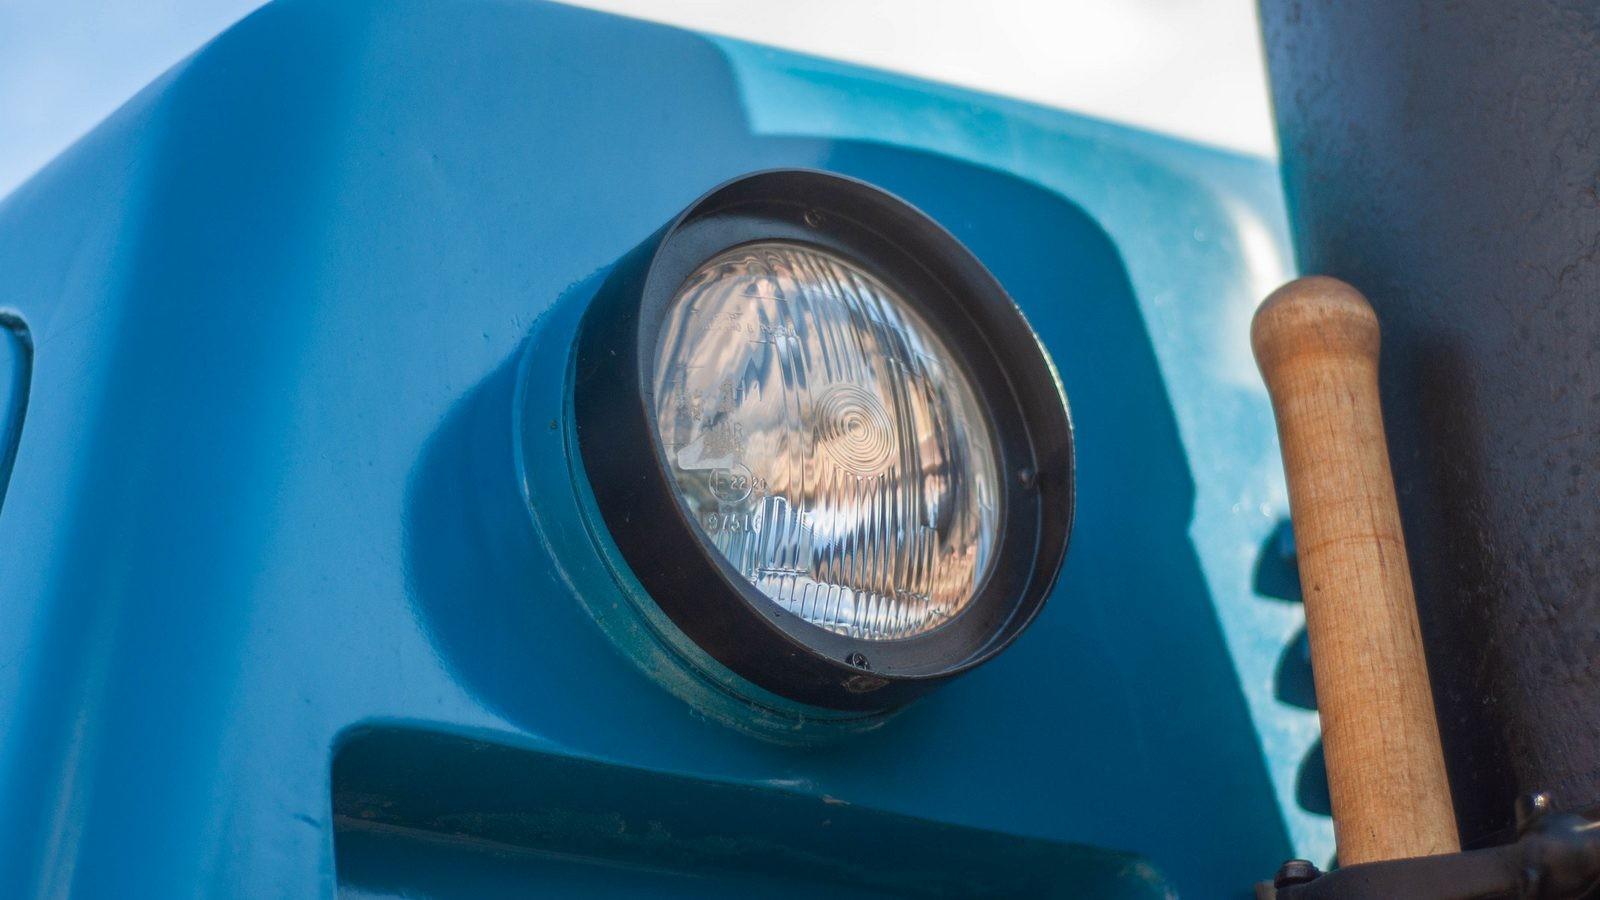 ЗИЛ-49061 Синяя Птица противотуманки